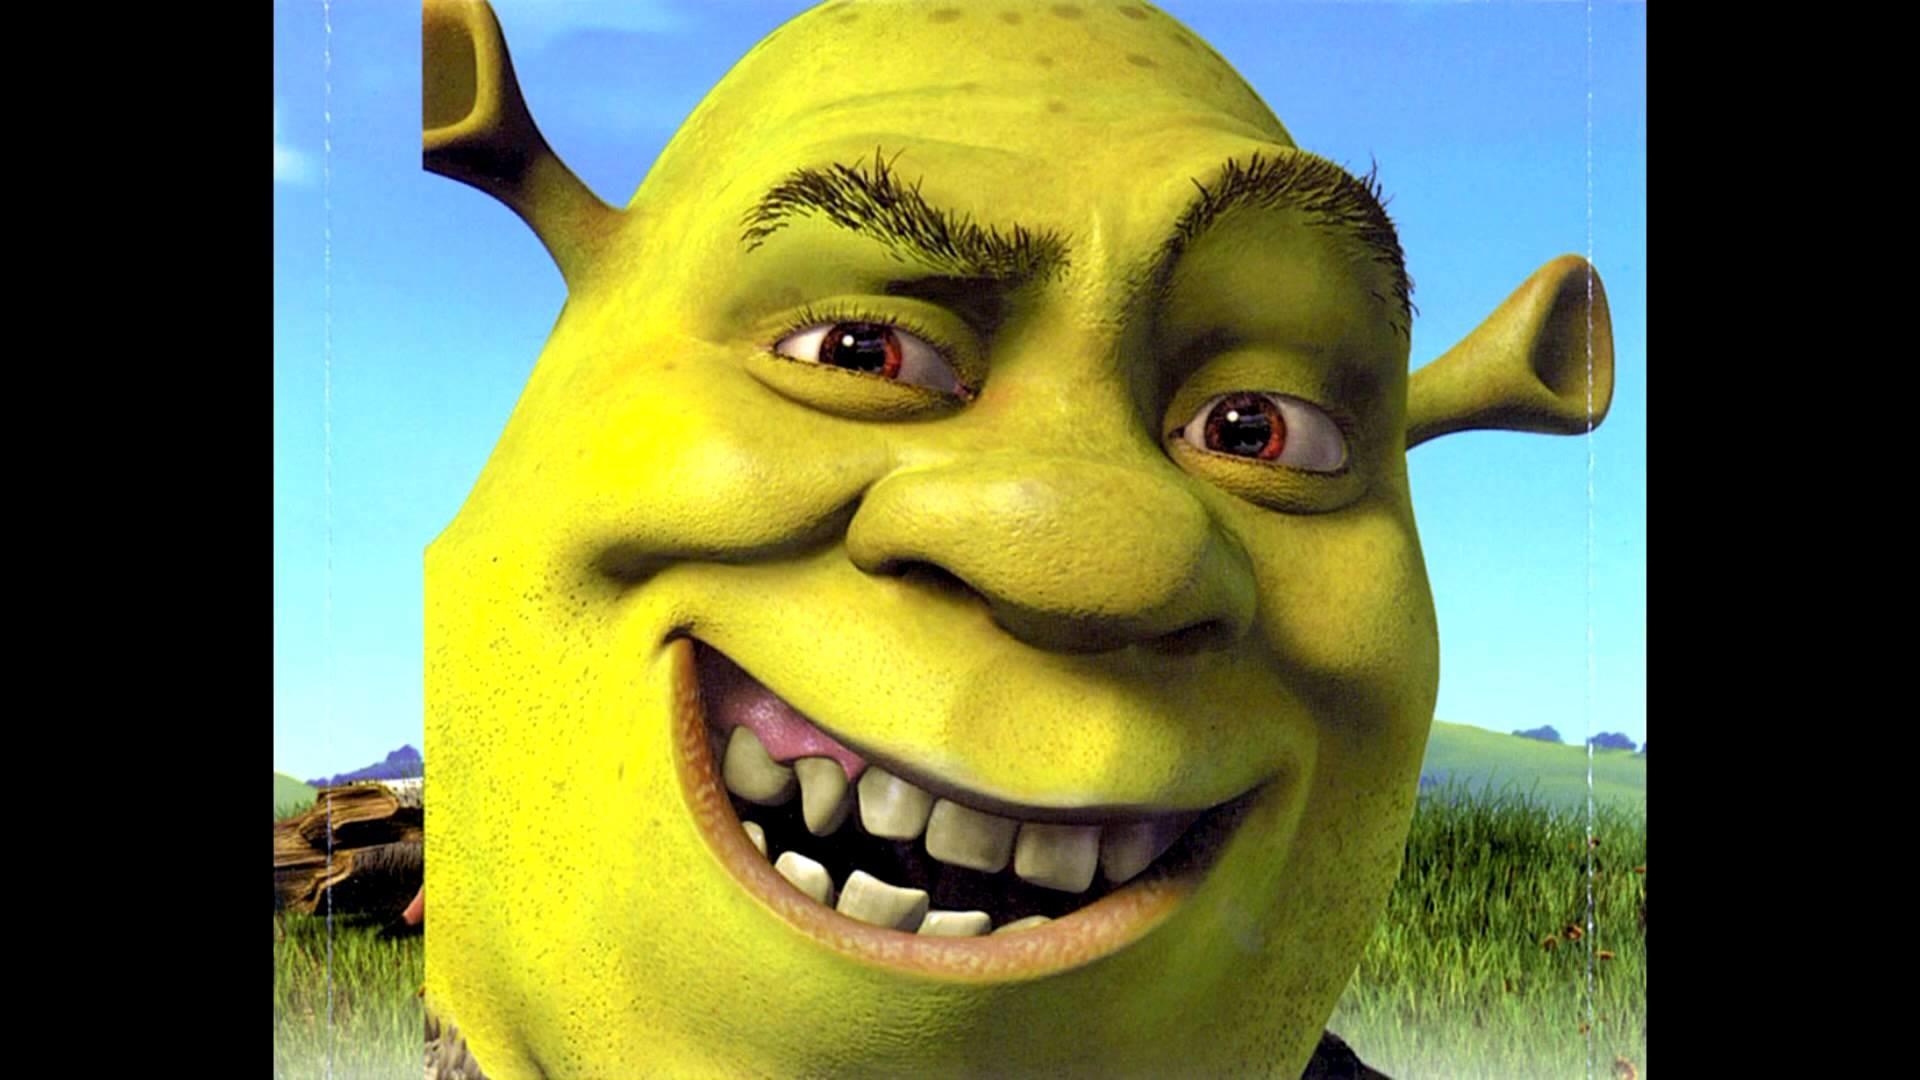 Shrek Is Love Shrek Is Life · Shrek and Fiona Wallpaper …